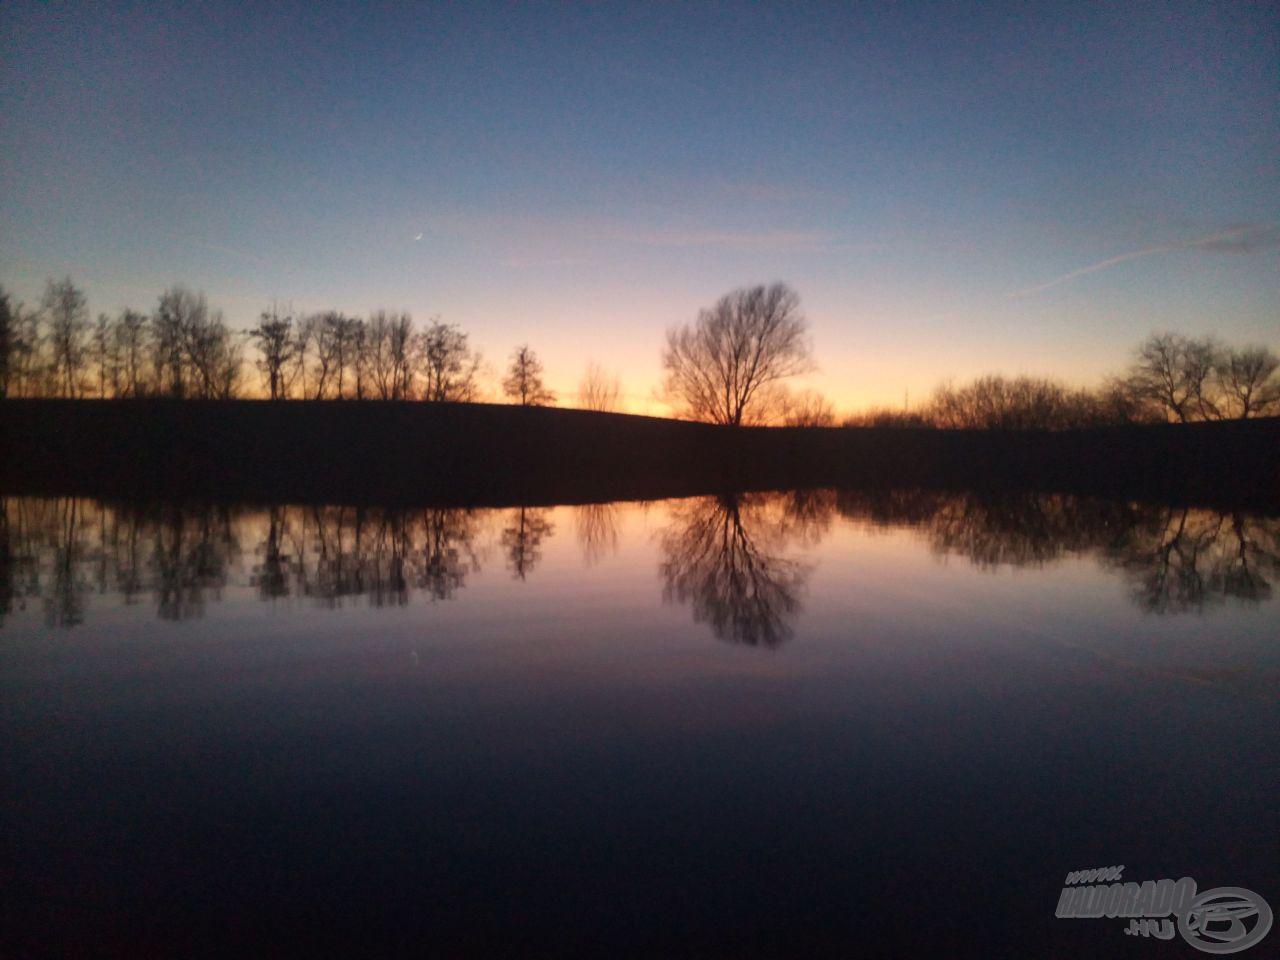 Ilyen csodás naplementében hagytam el a tavat